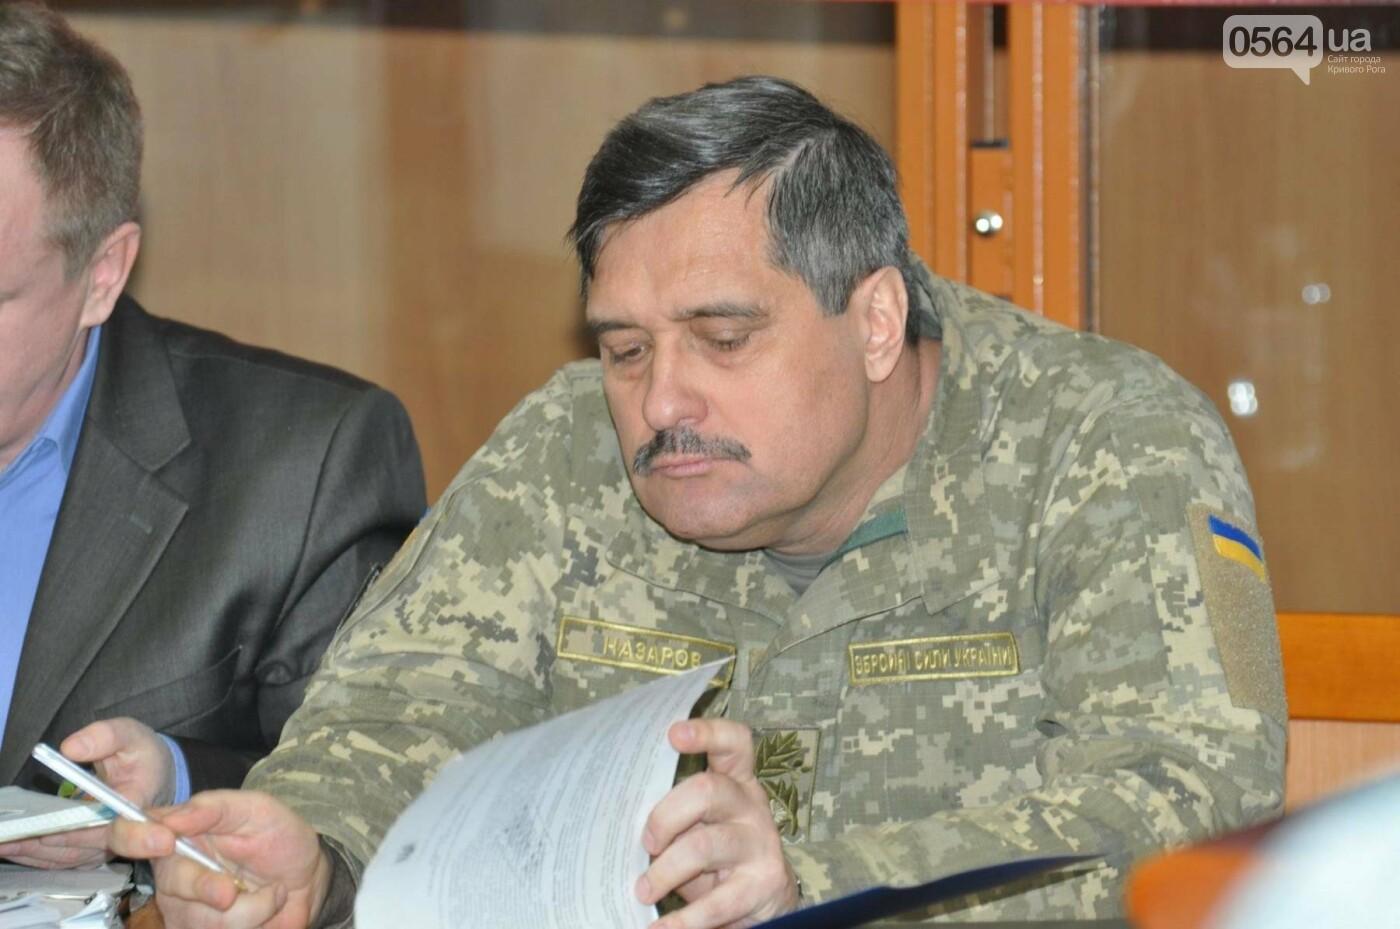 По делу о сбитом ИЛ-76, вместо приговора генералу, суд назначил еще одну экспертизу (ФОТО, ВИДЕО), фото-6